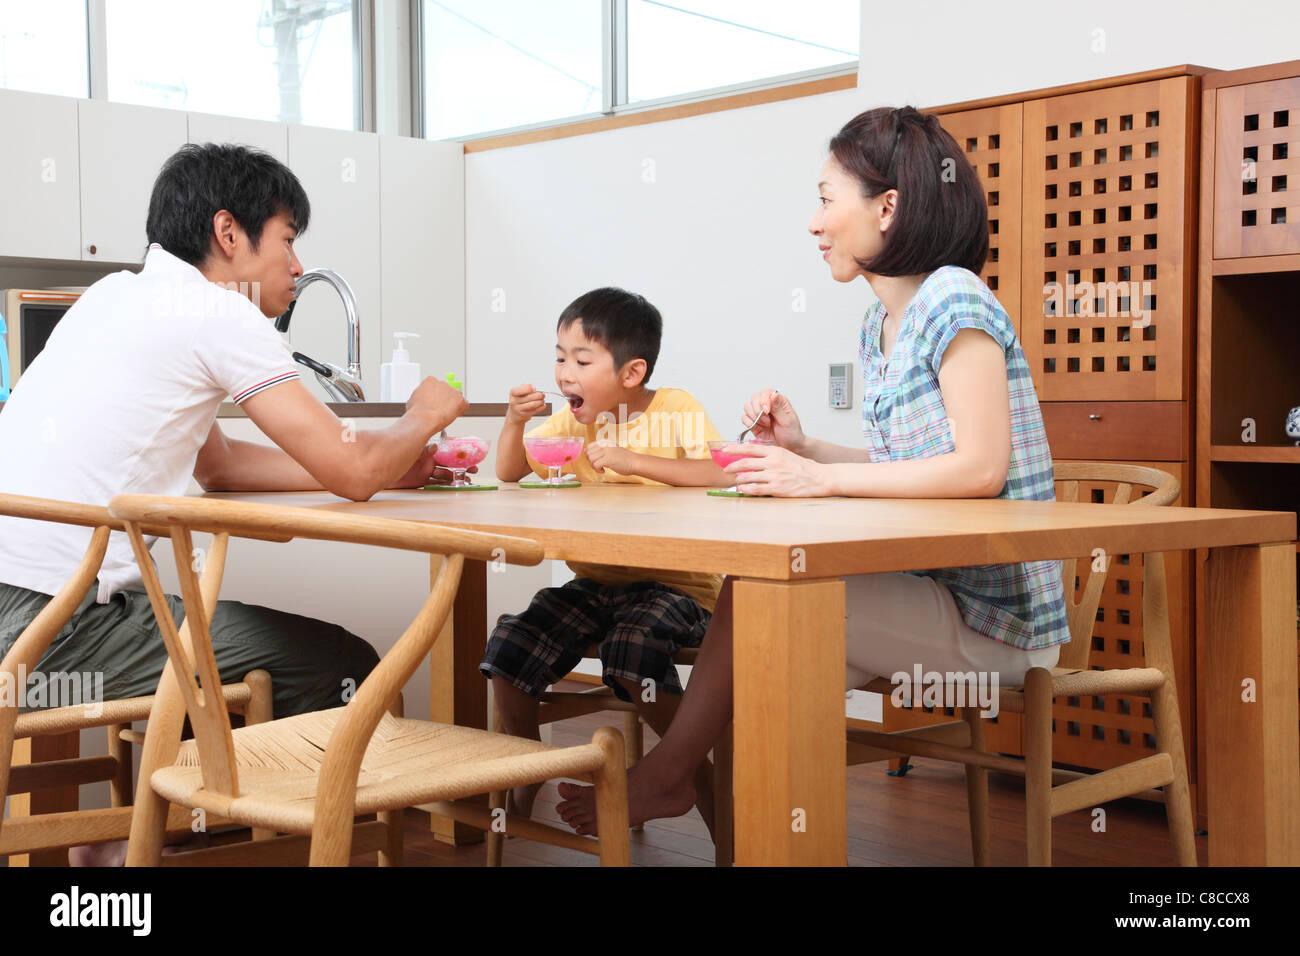 Famiglia mangiare rasata insieme di ghiaccio Foto Stock